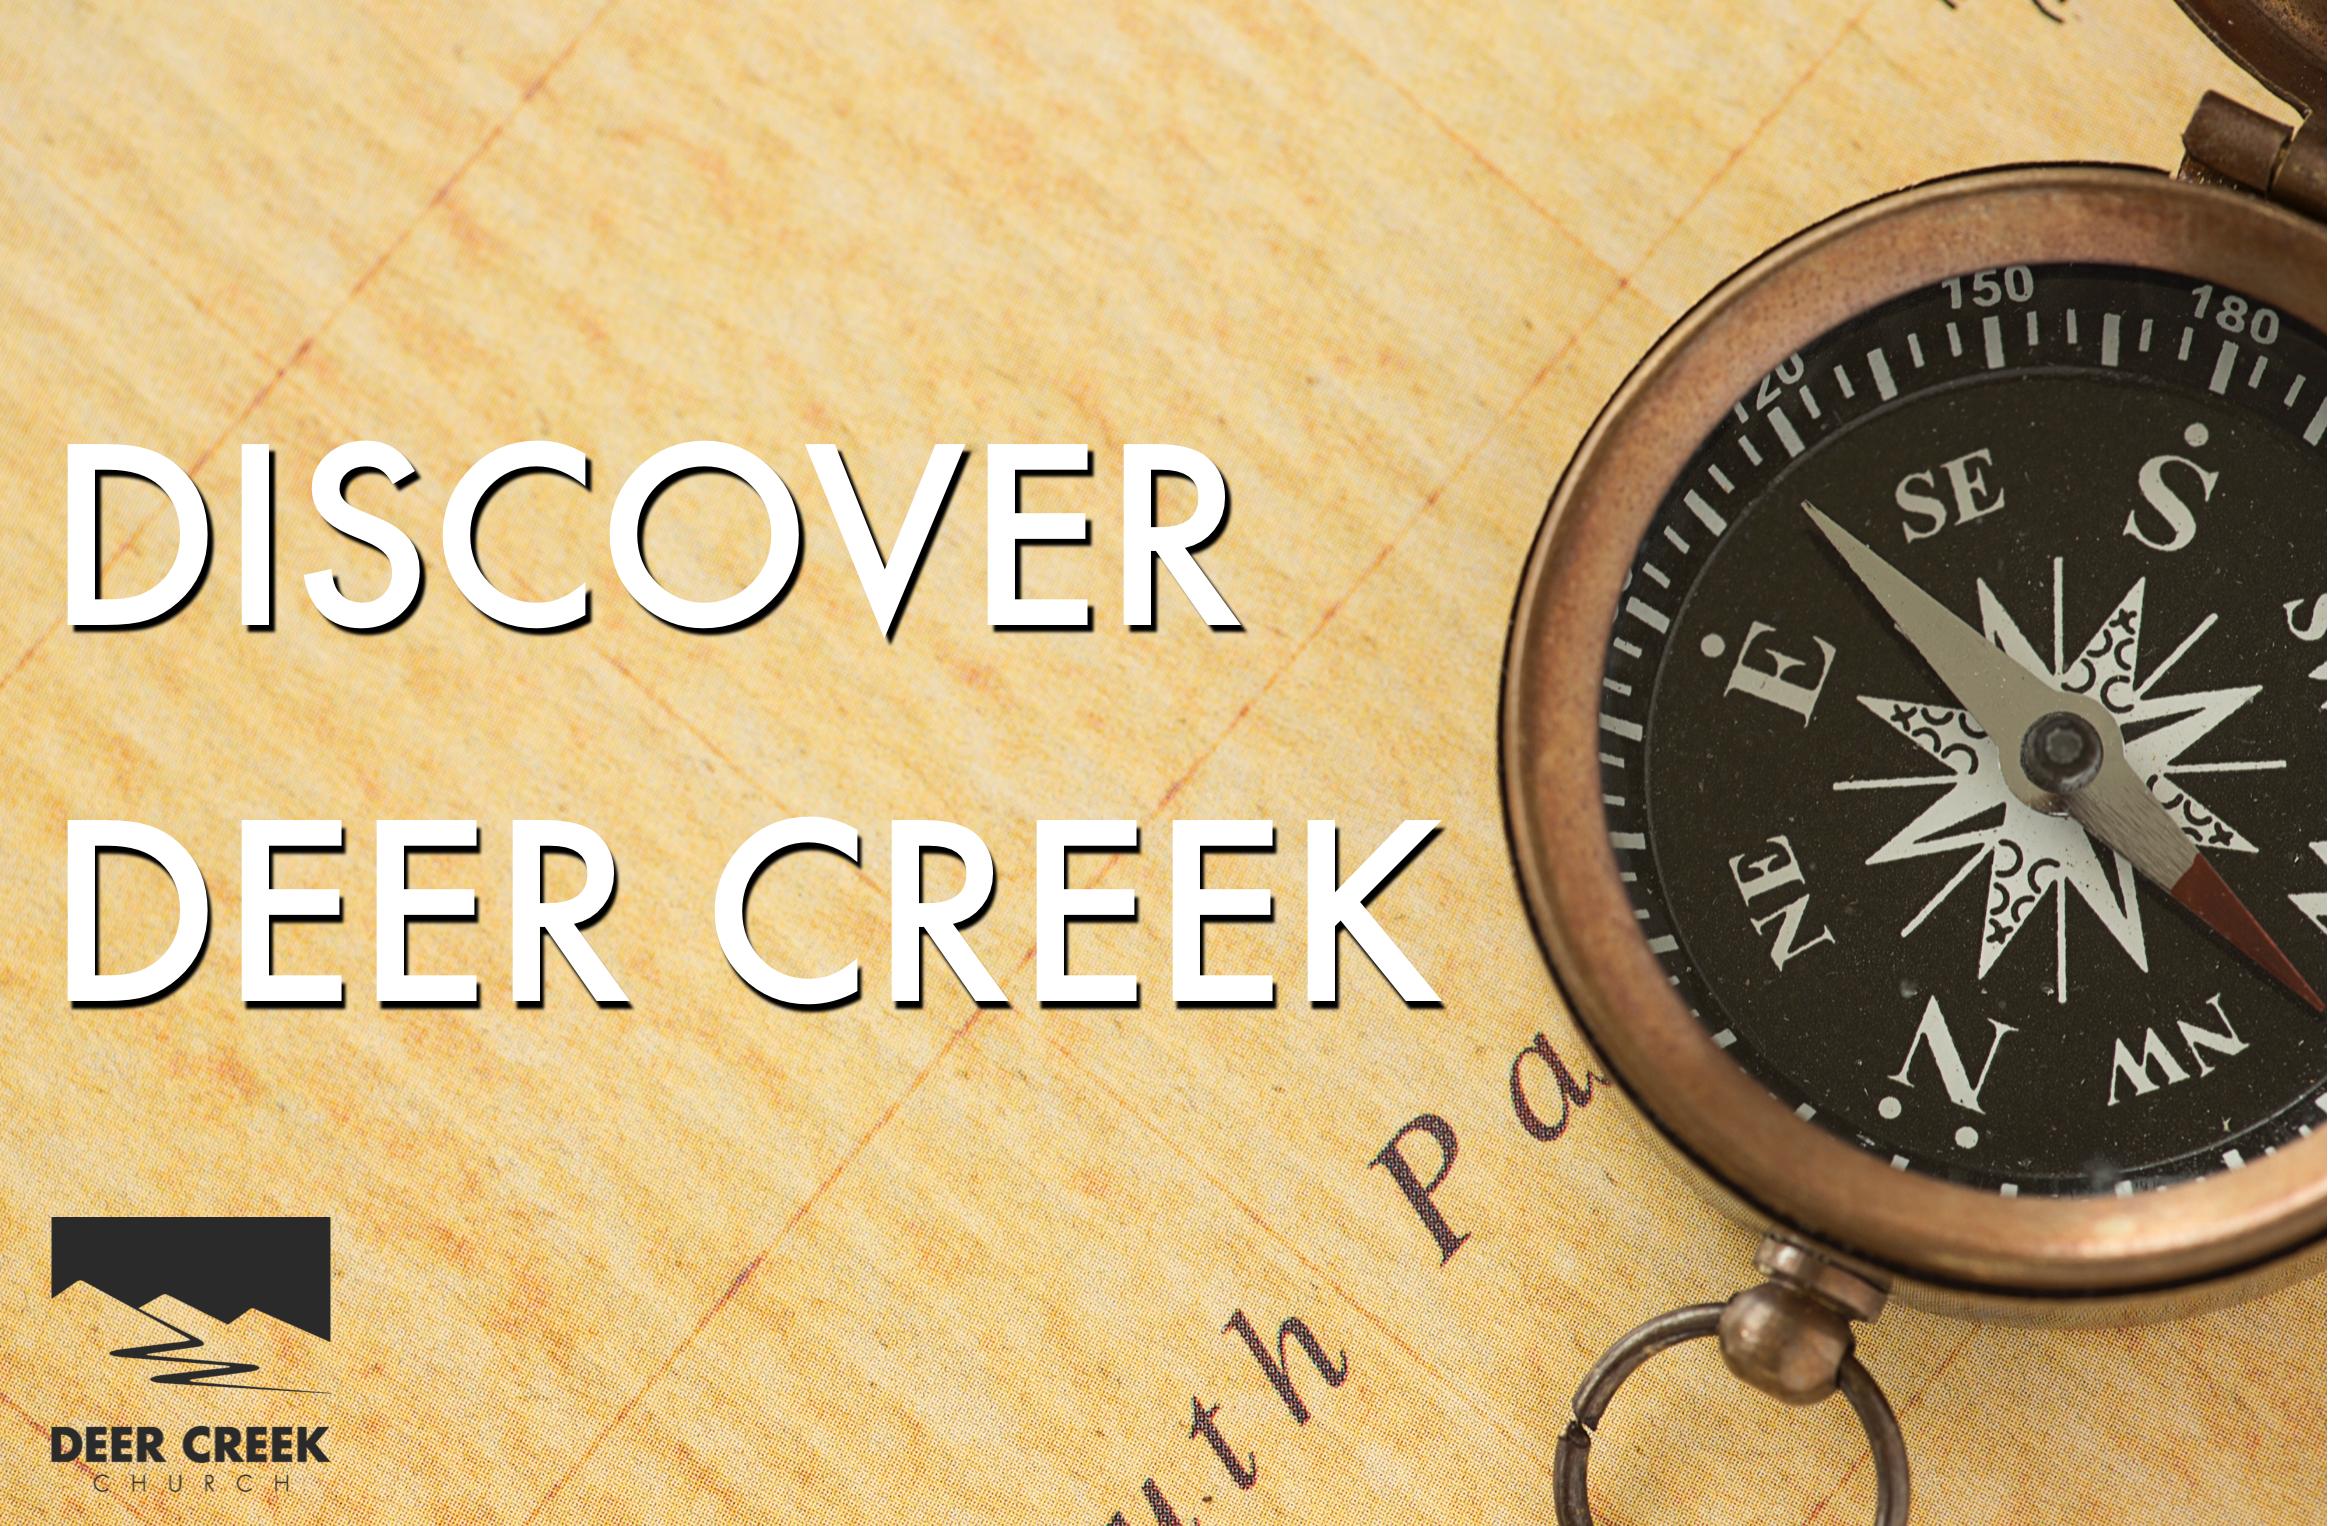 Discover deer creek